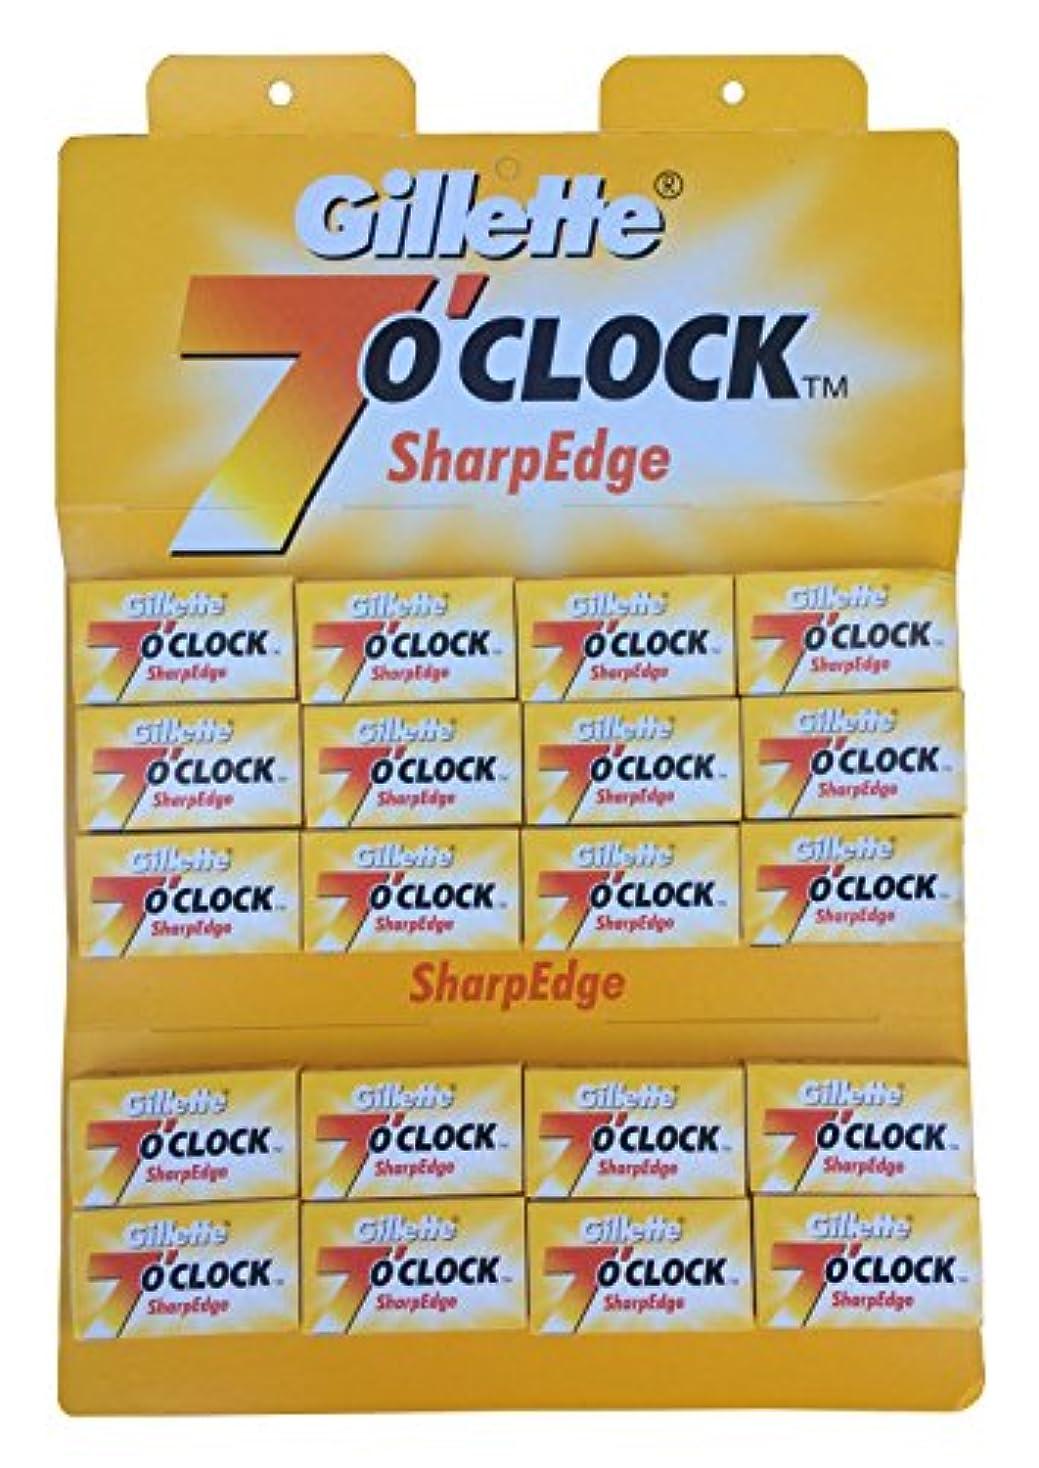 オーストラリア人応じる文法Gillette 7 0'Clock SharpEdge 両刃替刃 100枚入り(5枚入り20 個セット)【並行輸入品】